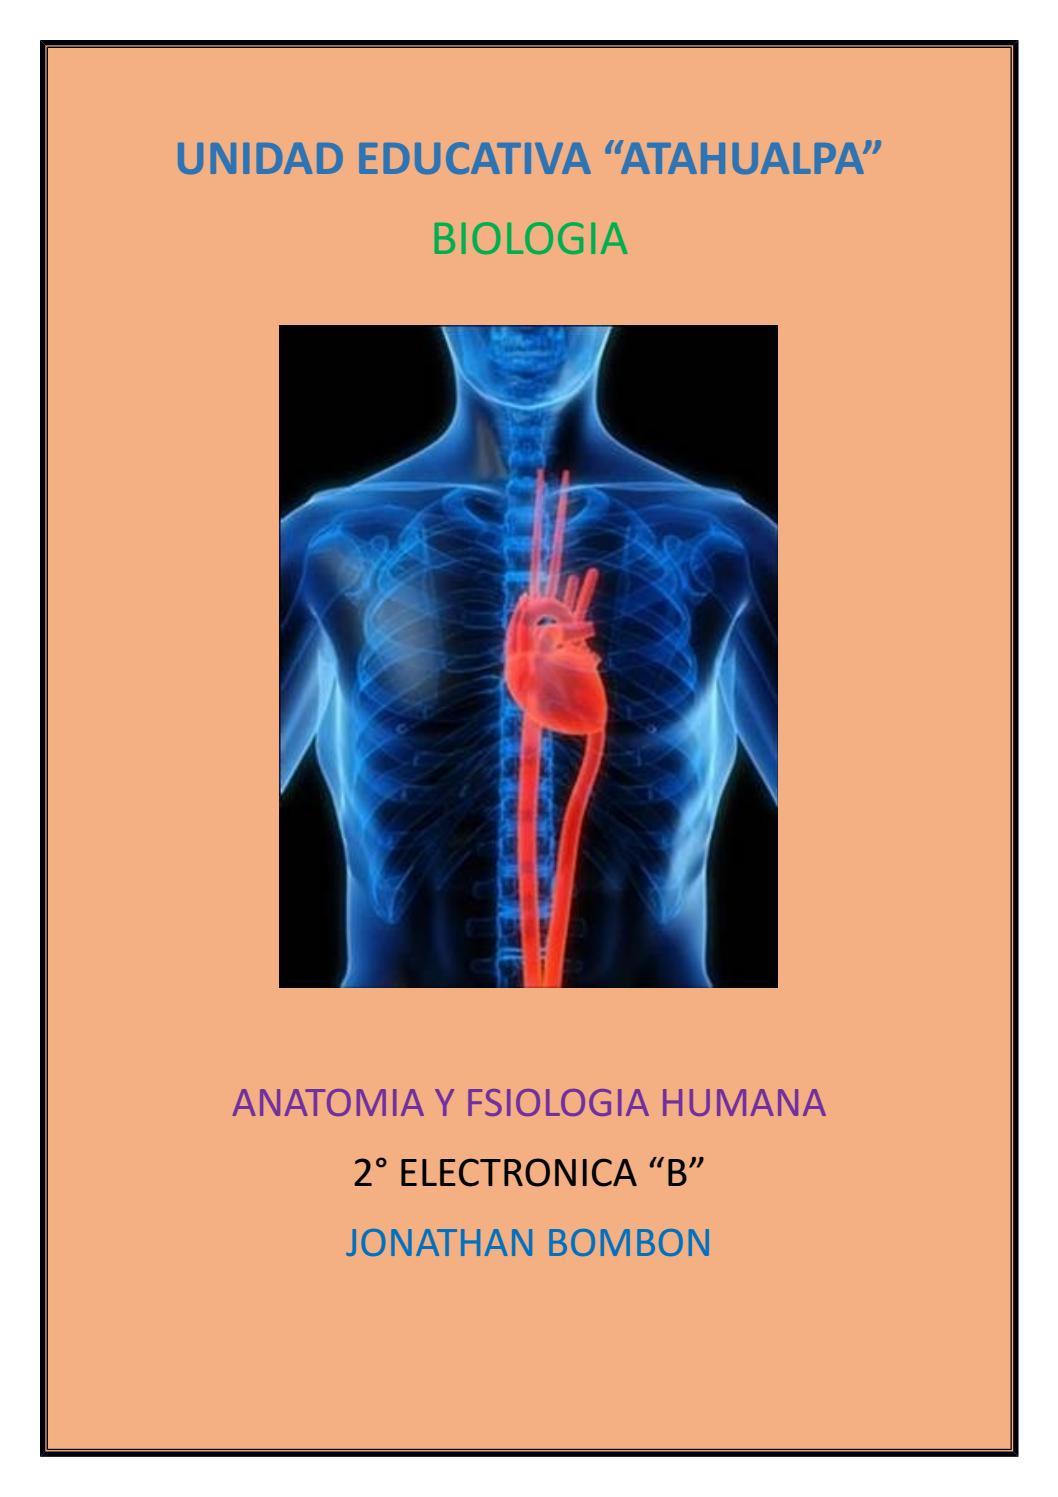 ANATOMÍA Y FISIOLOGÍA HUMANA by JONATHAN BOMBON - issuu